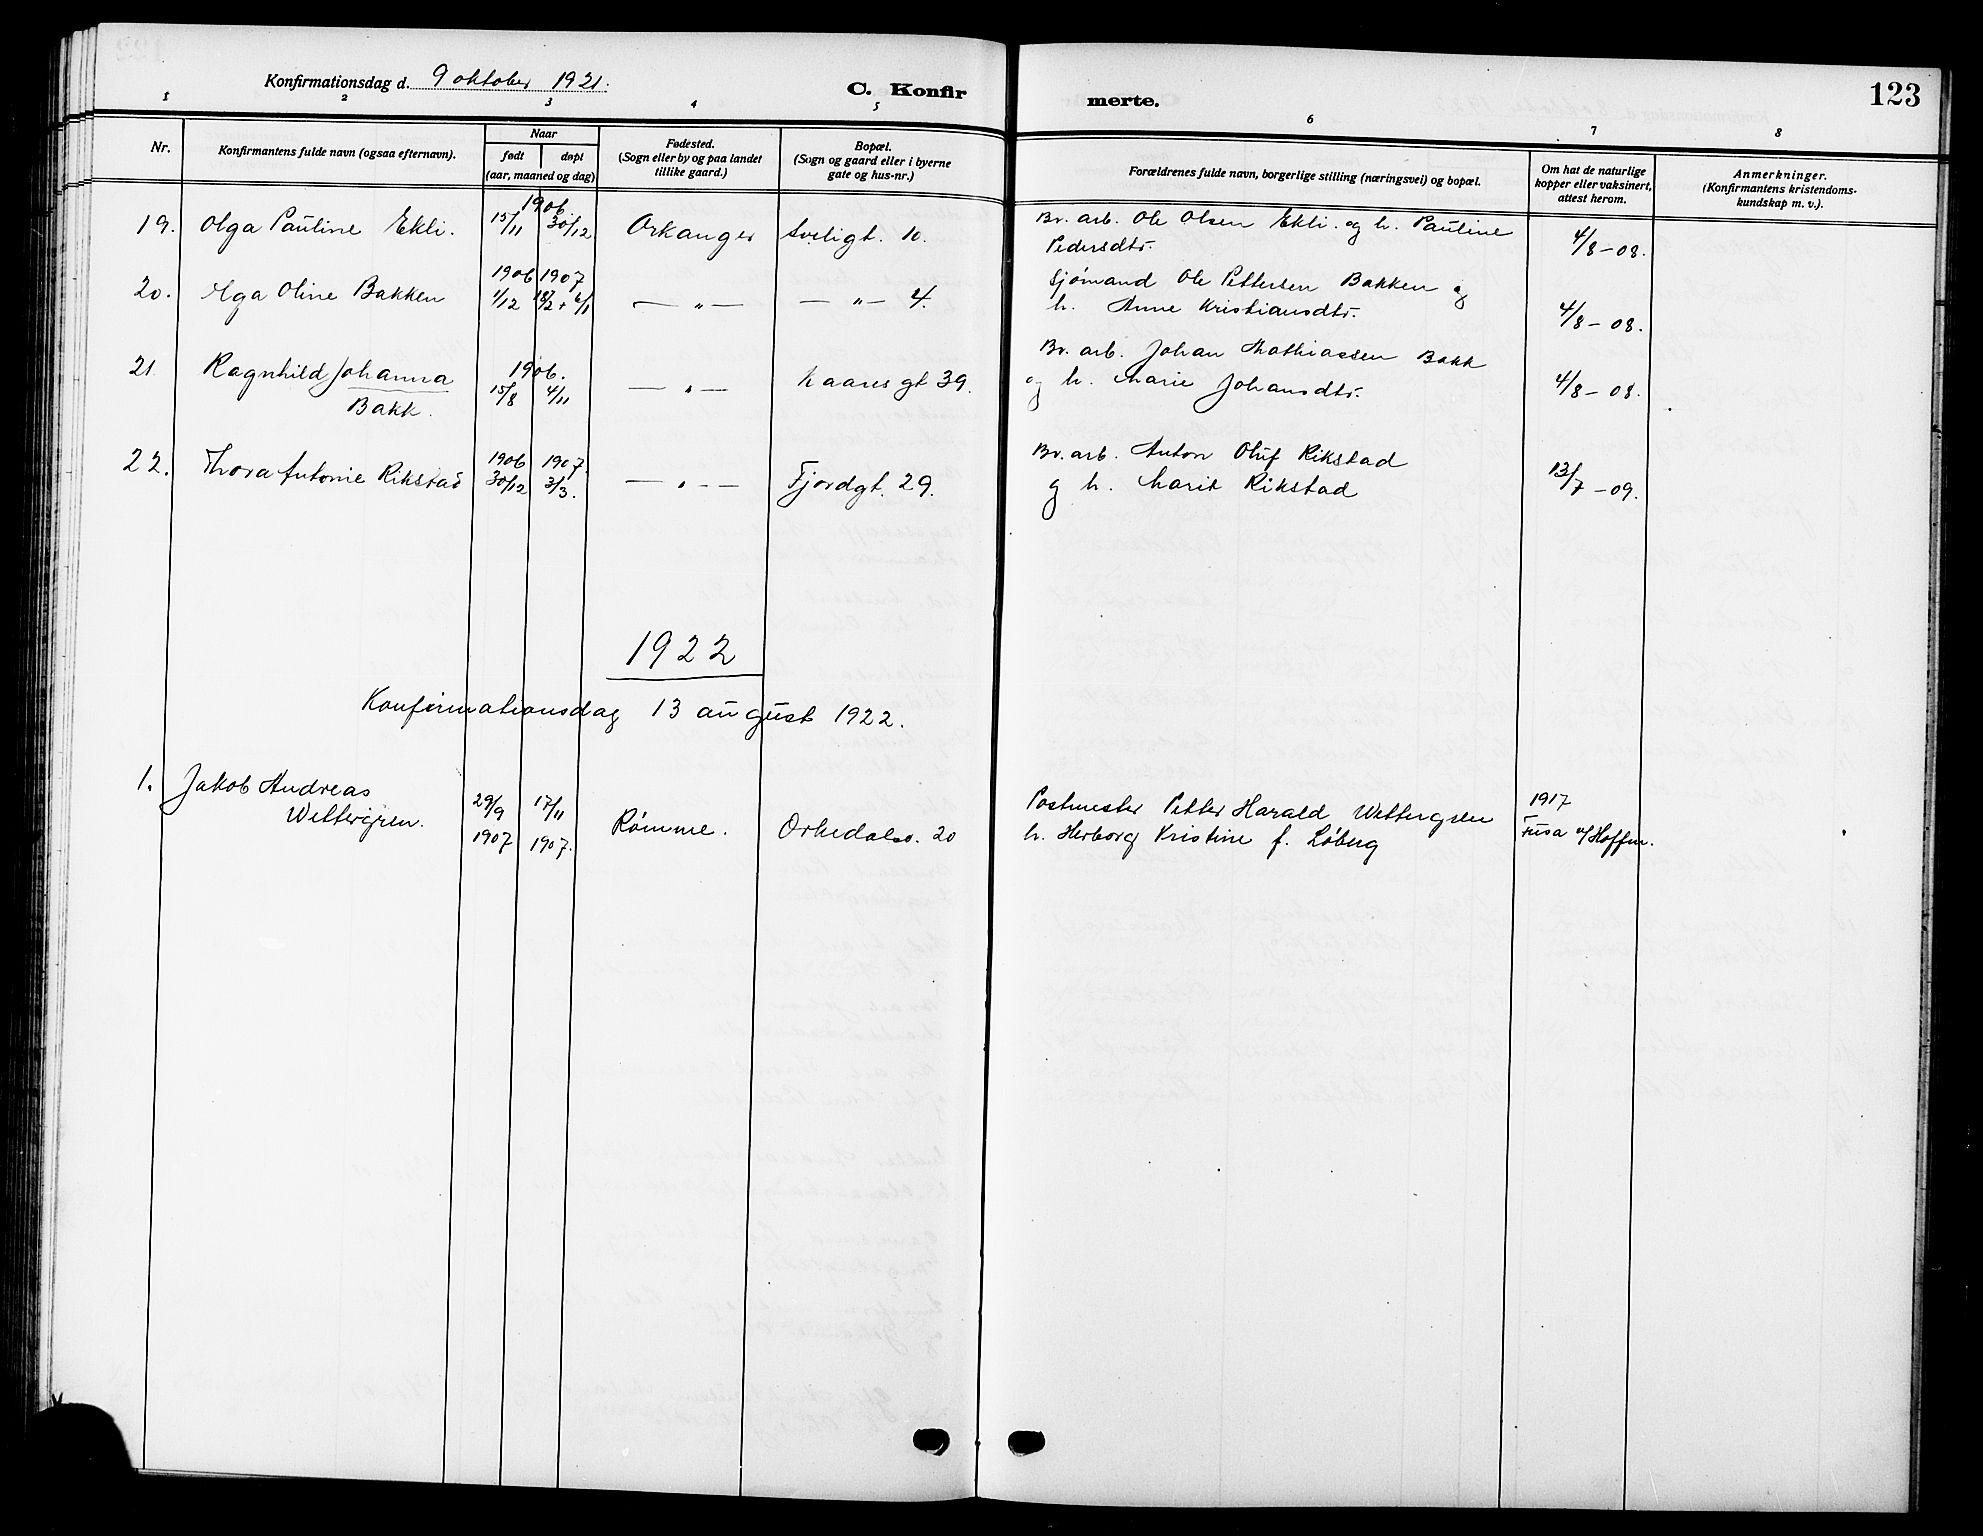 SAT, Ministerialprotokoller, klokkerbøker og fødselsregistre - Sør-Trøndelag, 669/L0831: Klokkerbok nr. 669C01, 1909-1924, s. 123